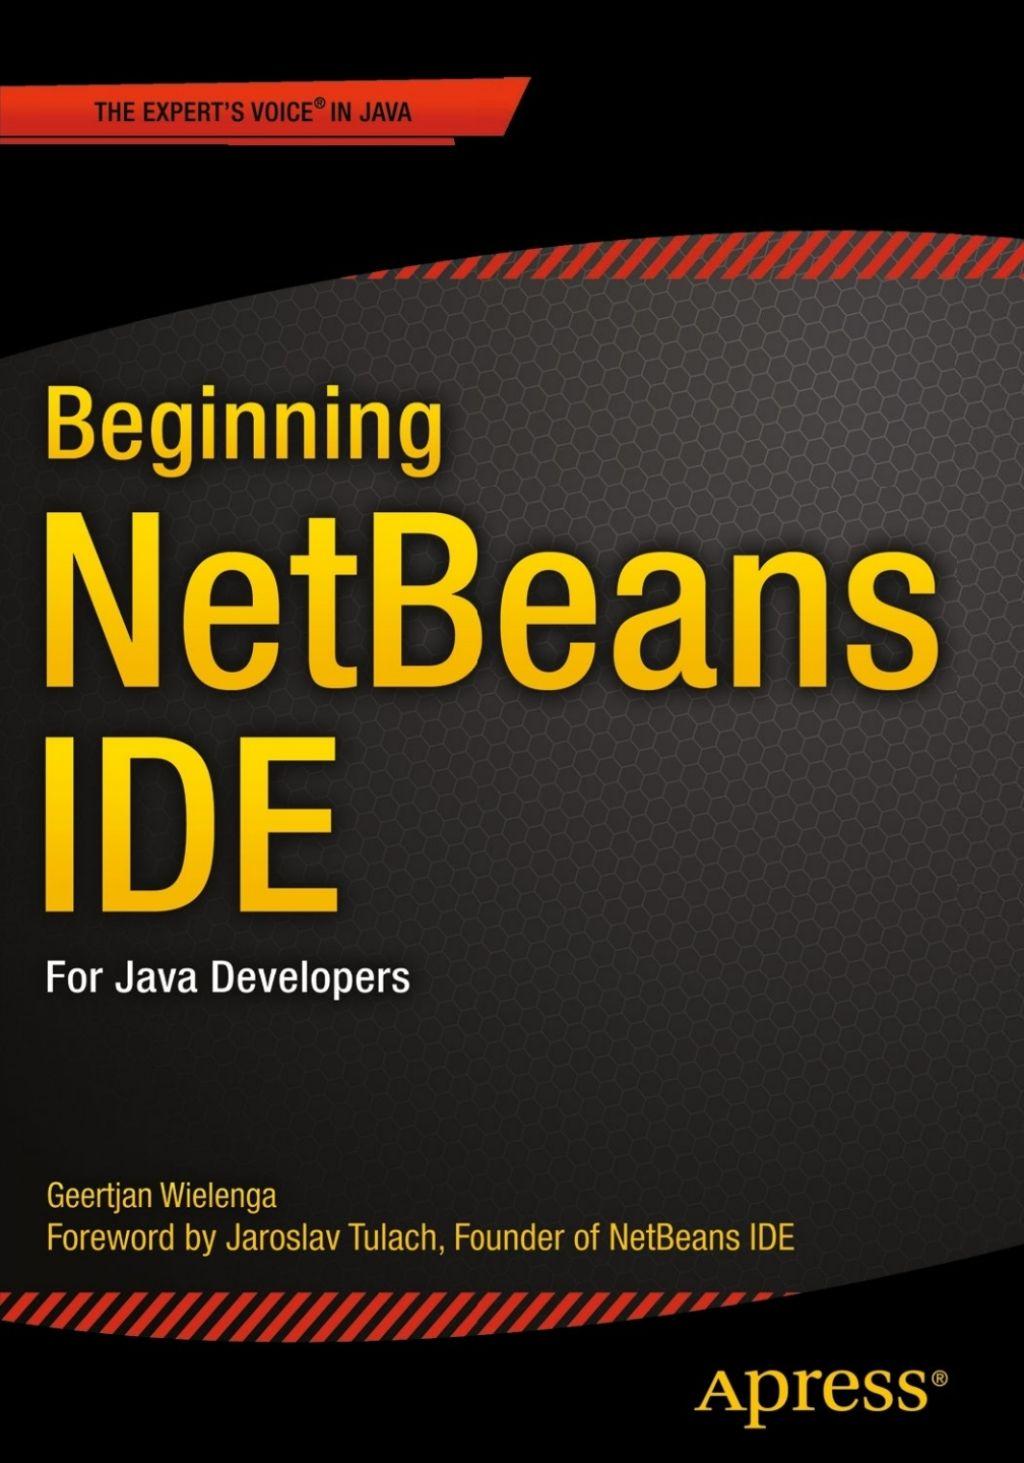 Beginning NetBeans IDE (eBook) Java library, Ebooks, Java